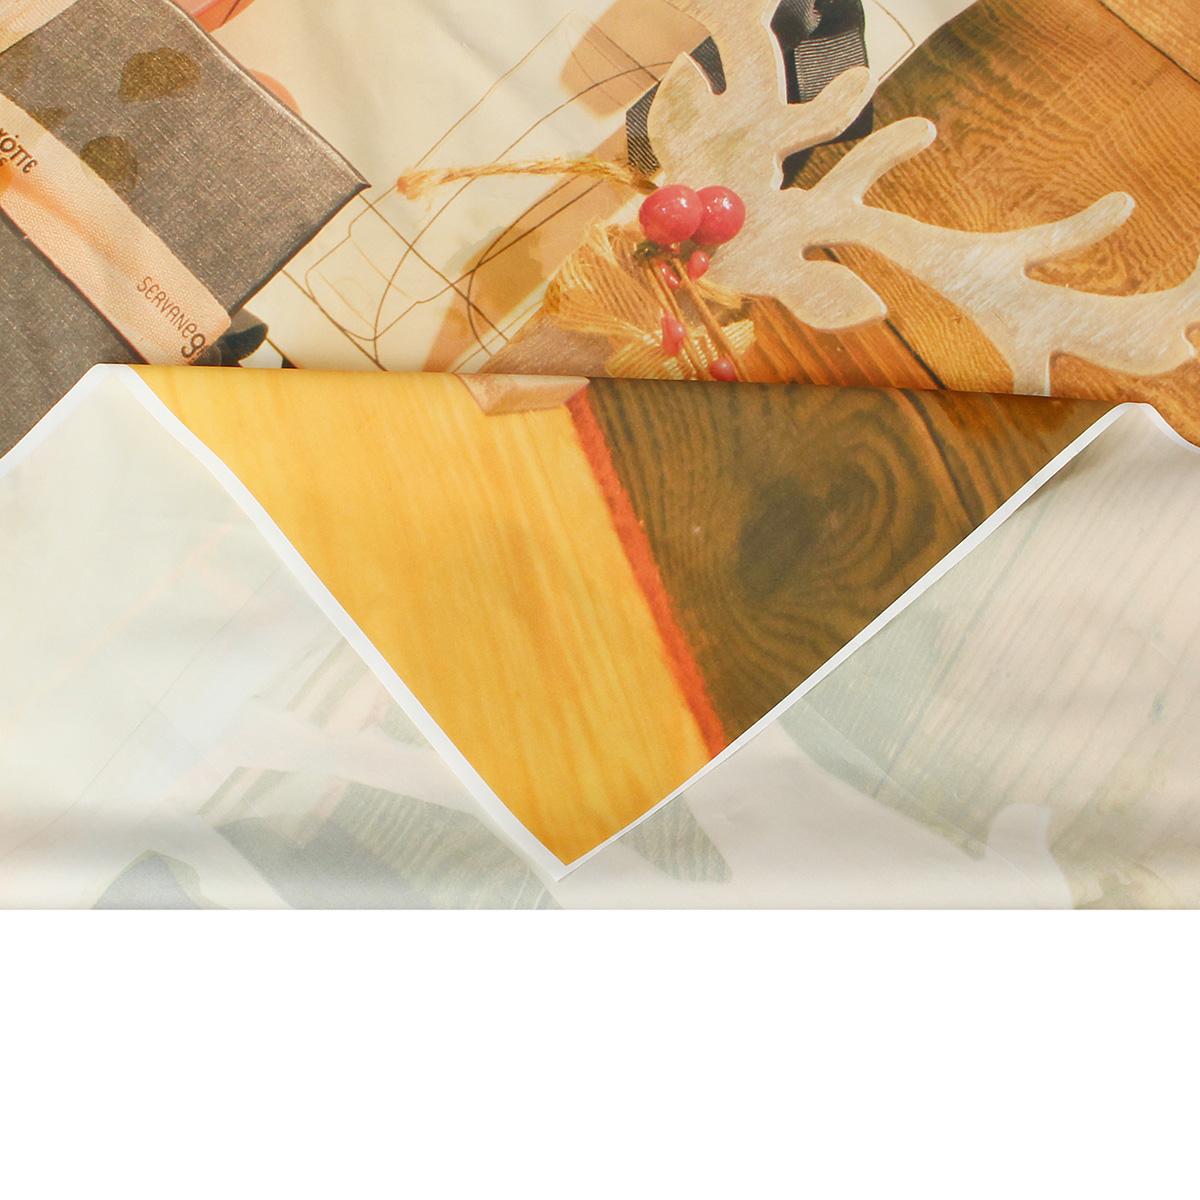 Szövet háttér fotózáshoz.Karácsonyi stúdió háttér 2.1 x 1.5m 1348826